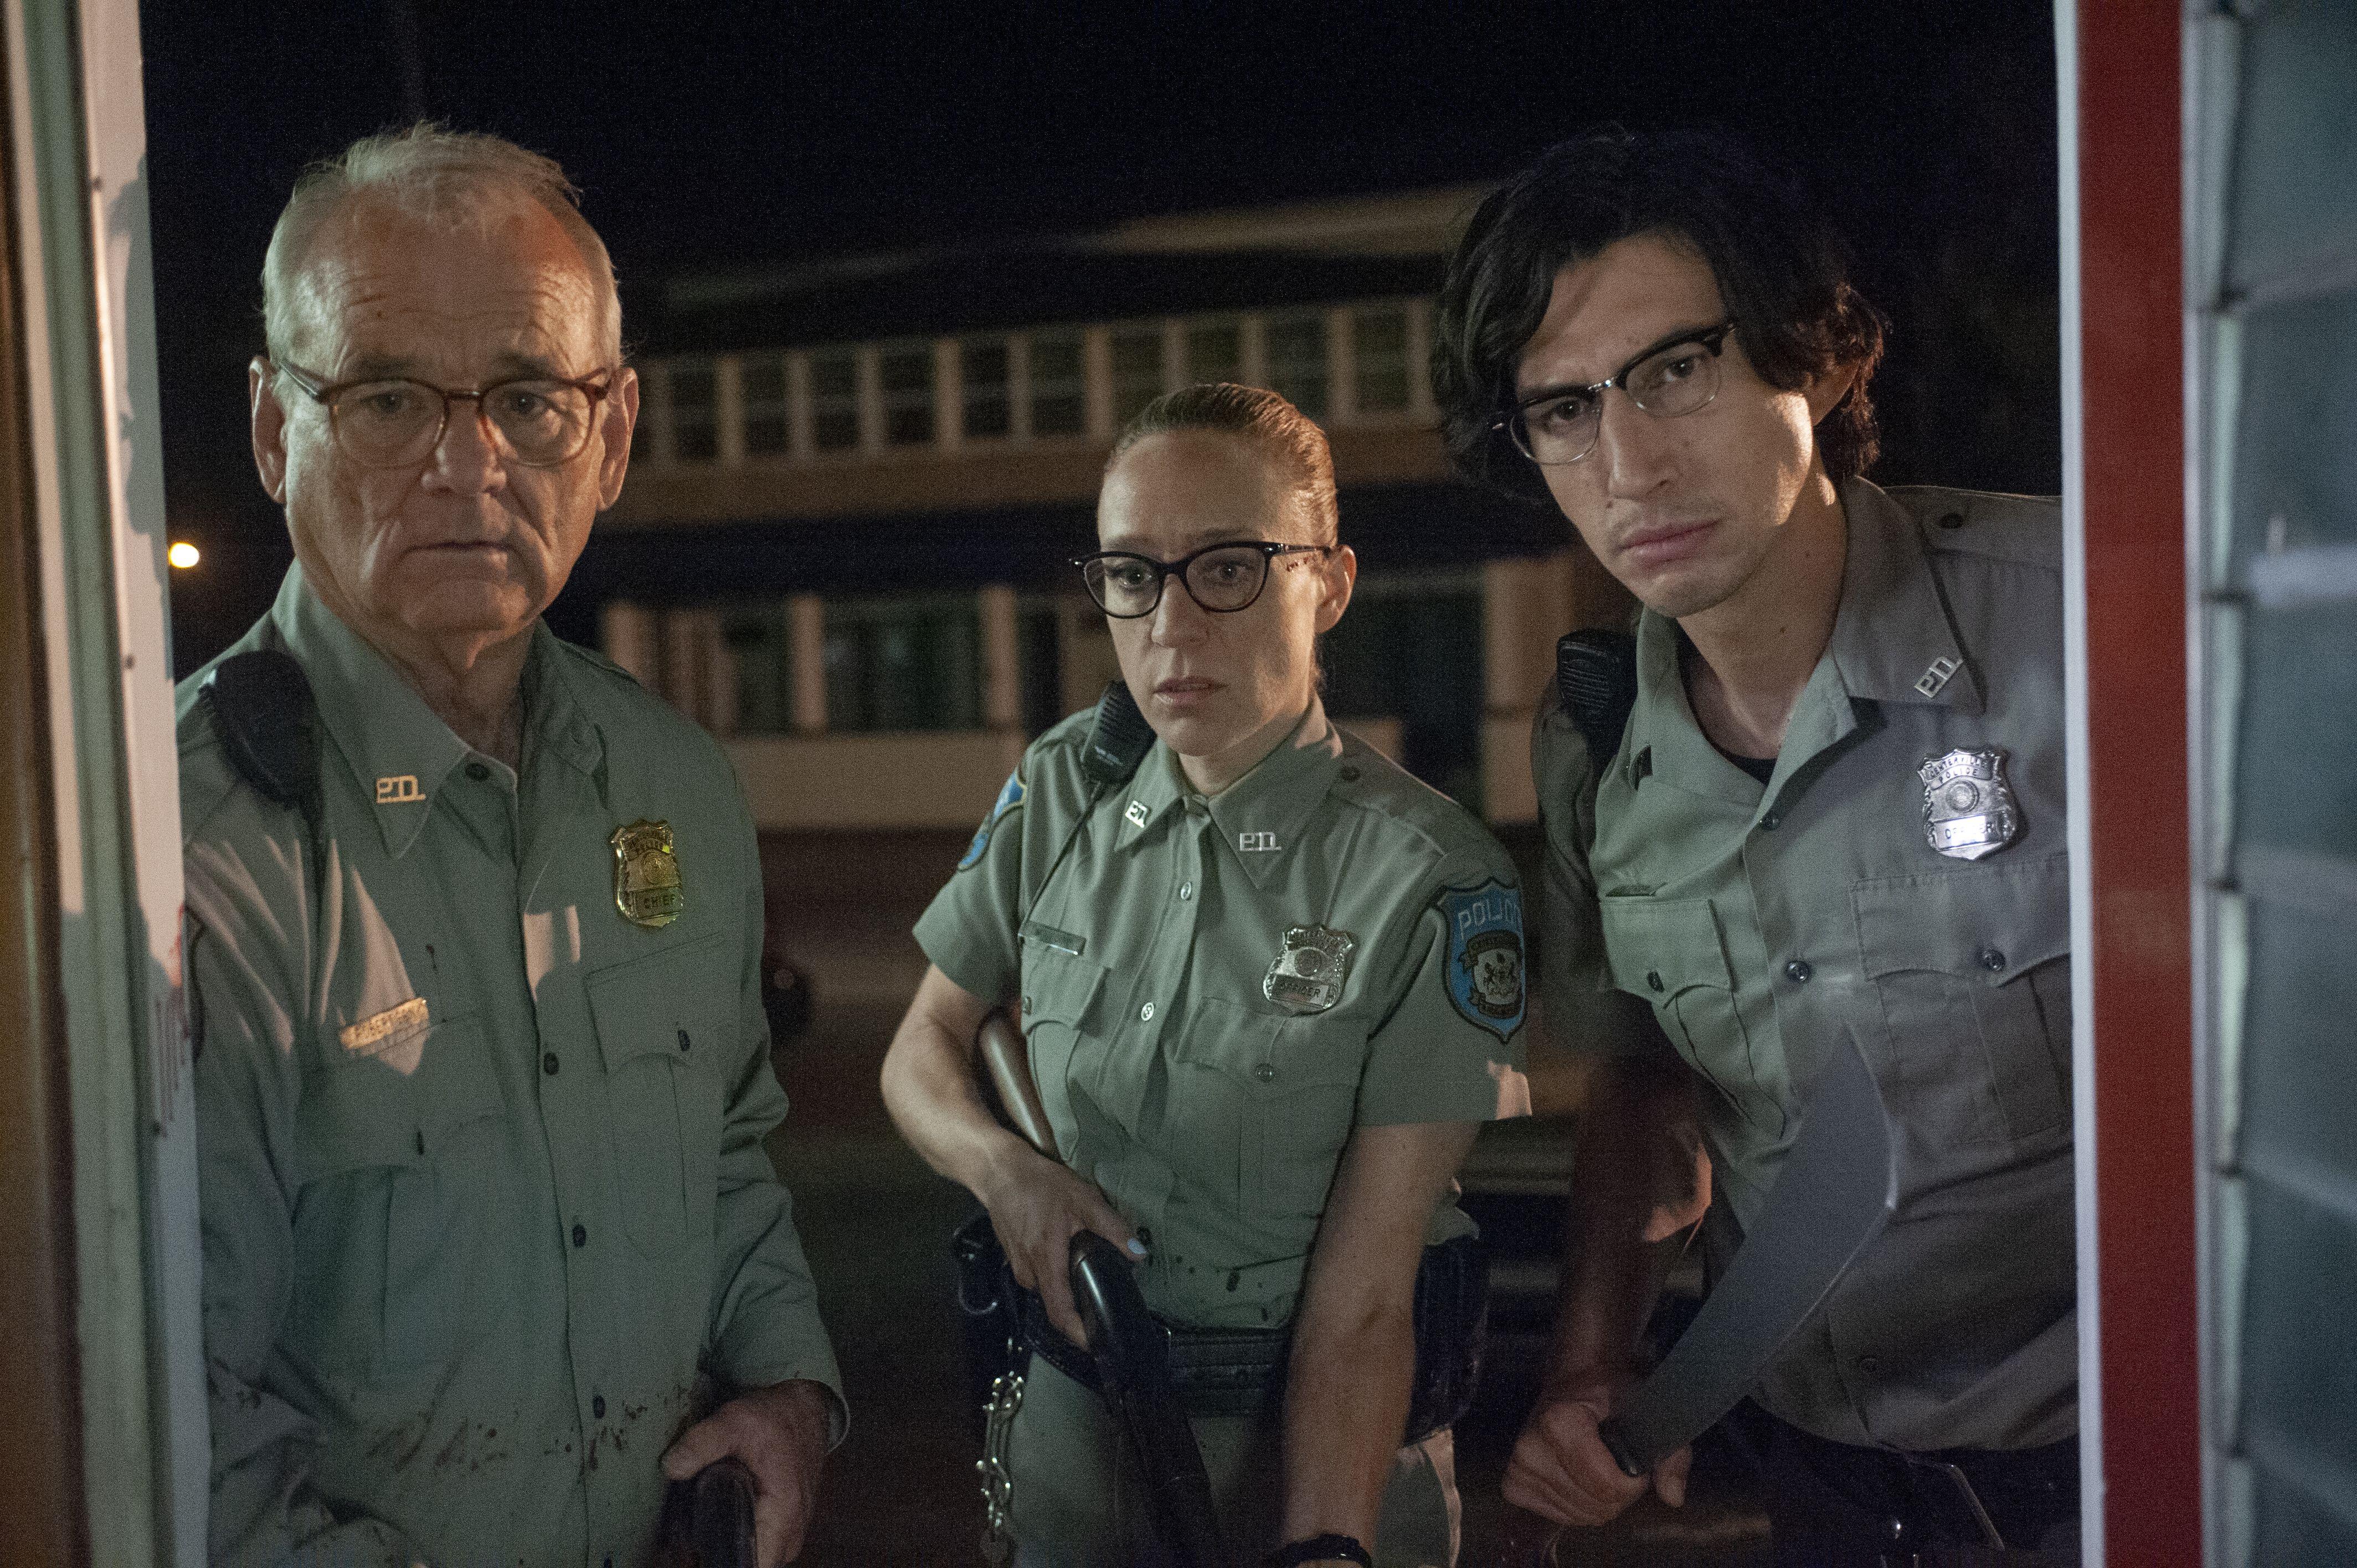 The Dead Don't Die de Jim Jarmusch libera tráiler restringido e imágenes promocionales luego de premiere